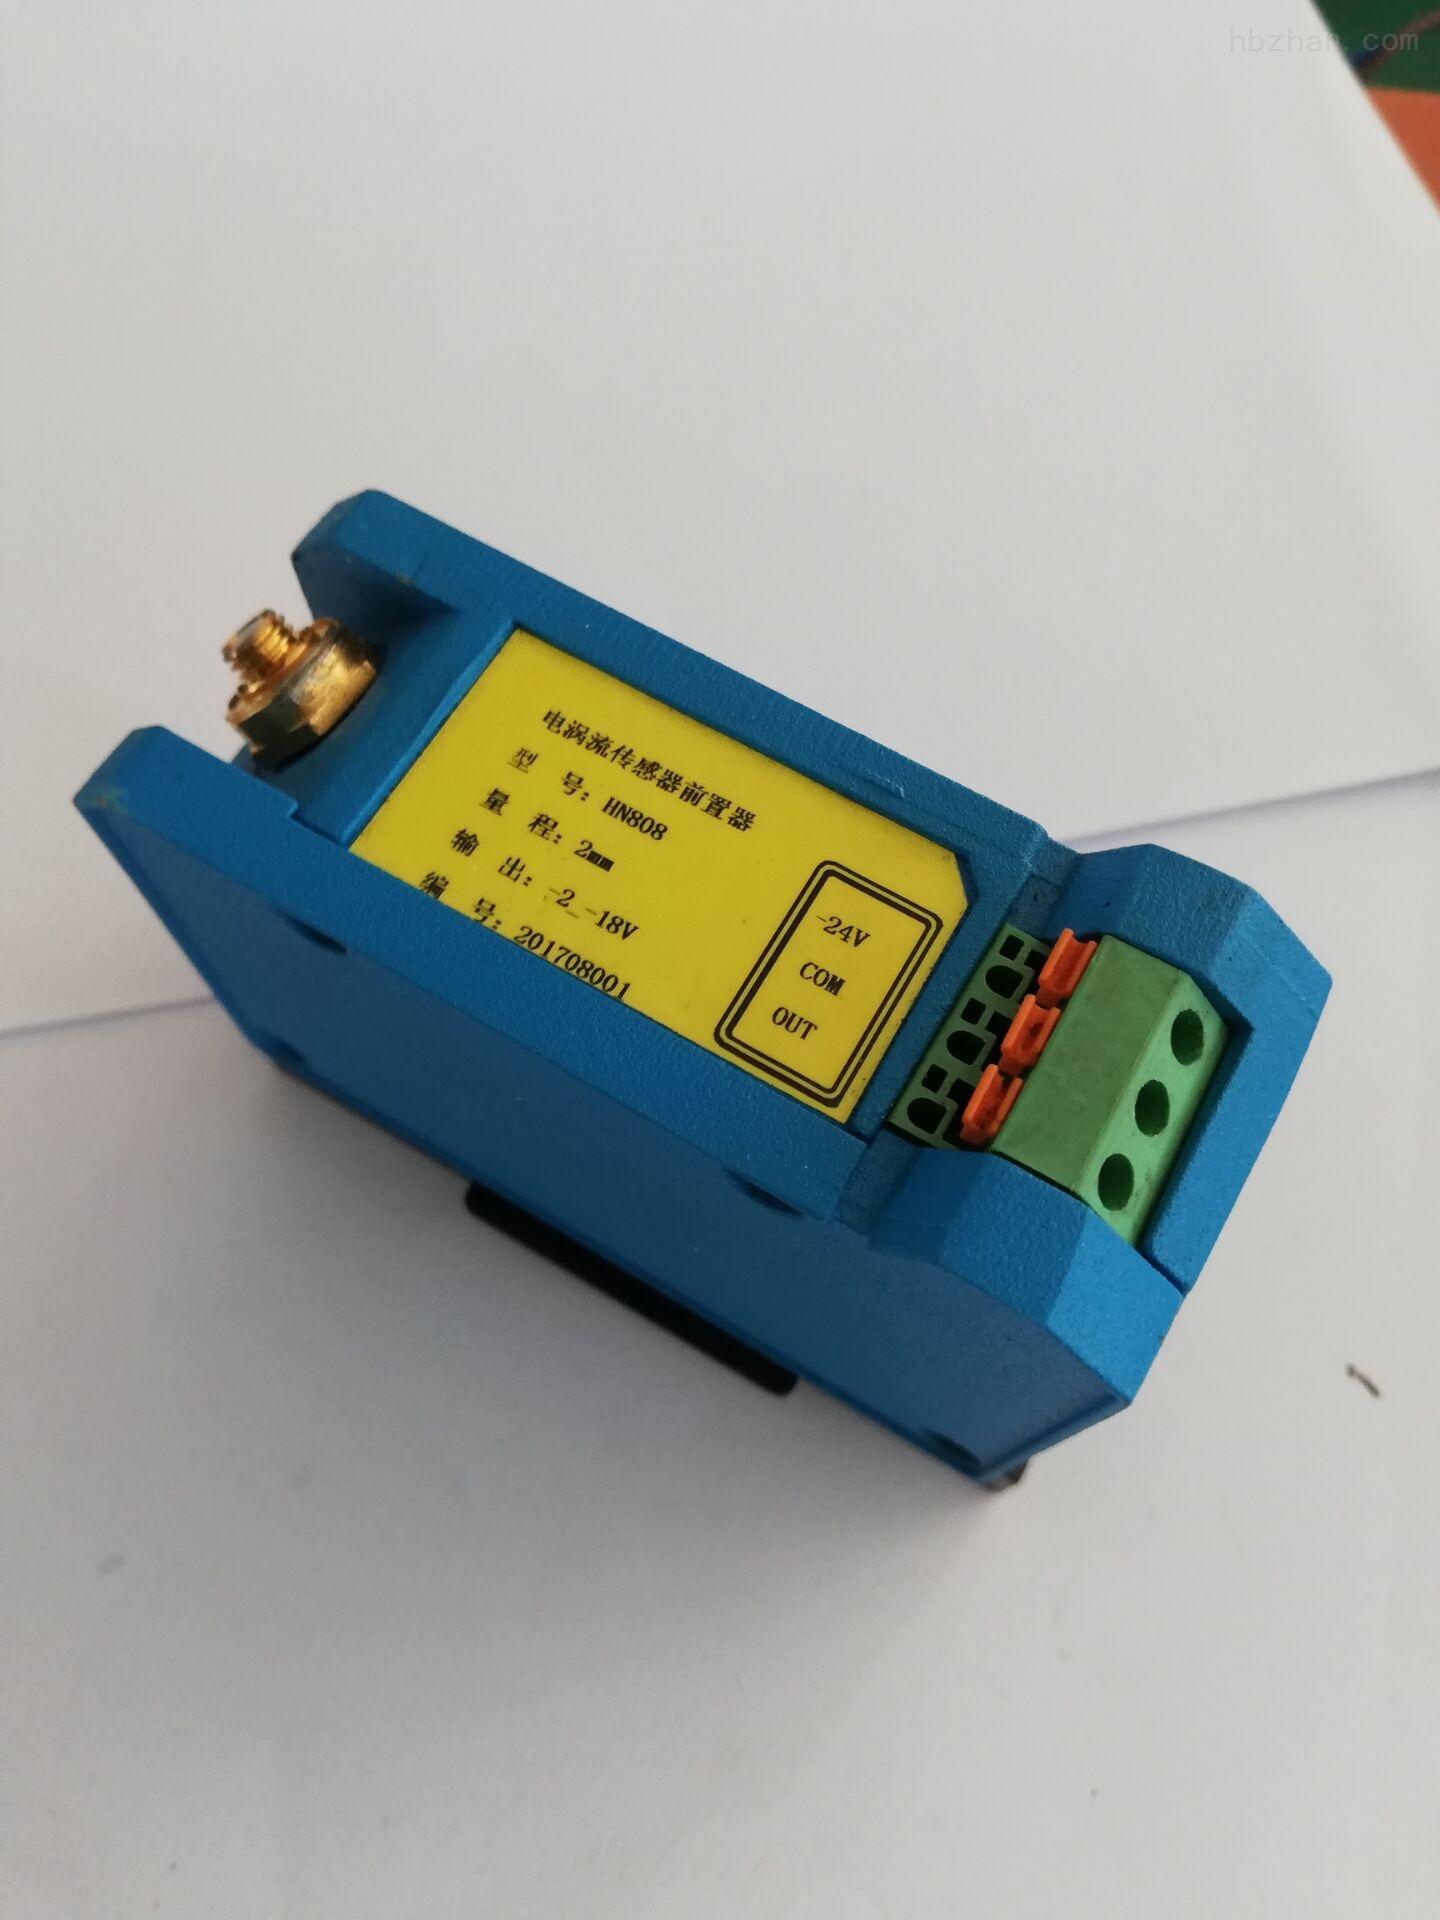 3300、7200系列前置器、电涡流位移传感器